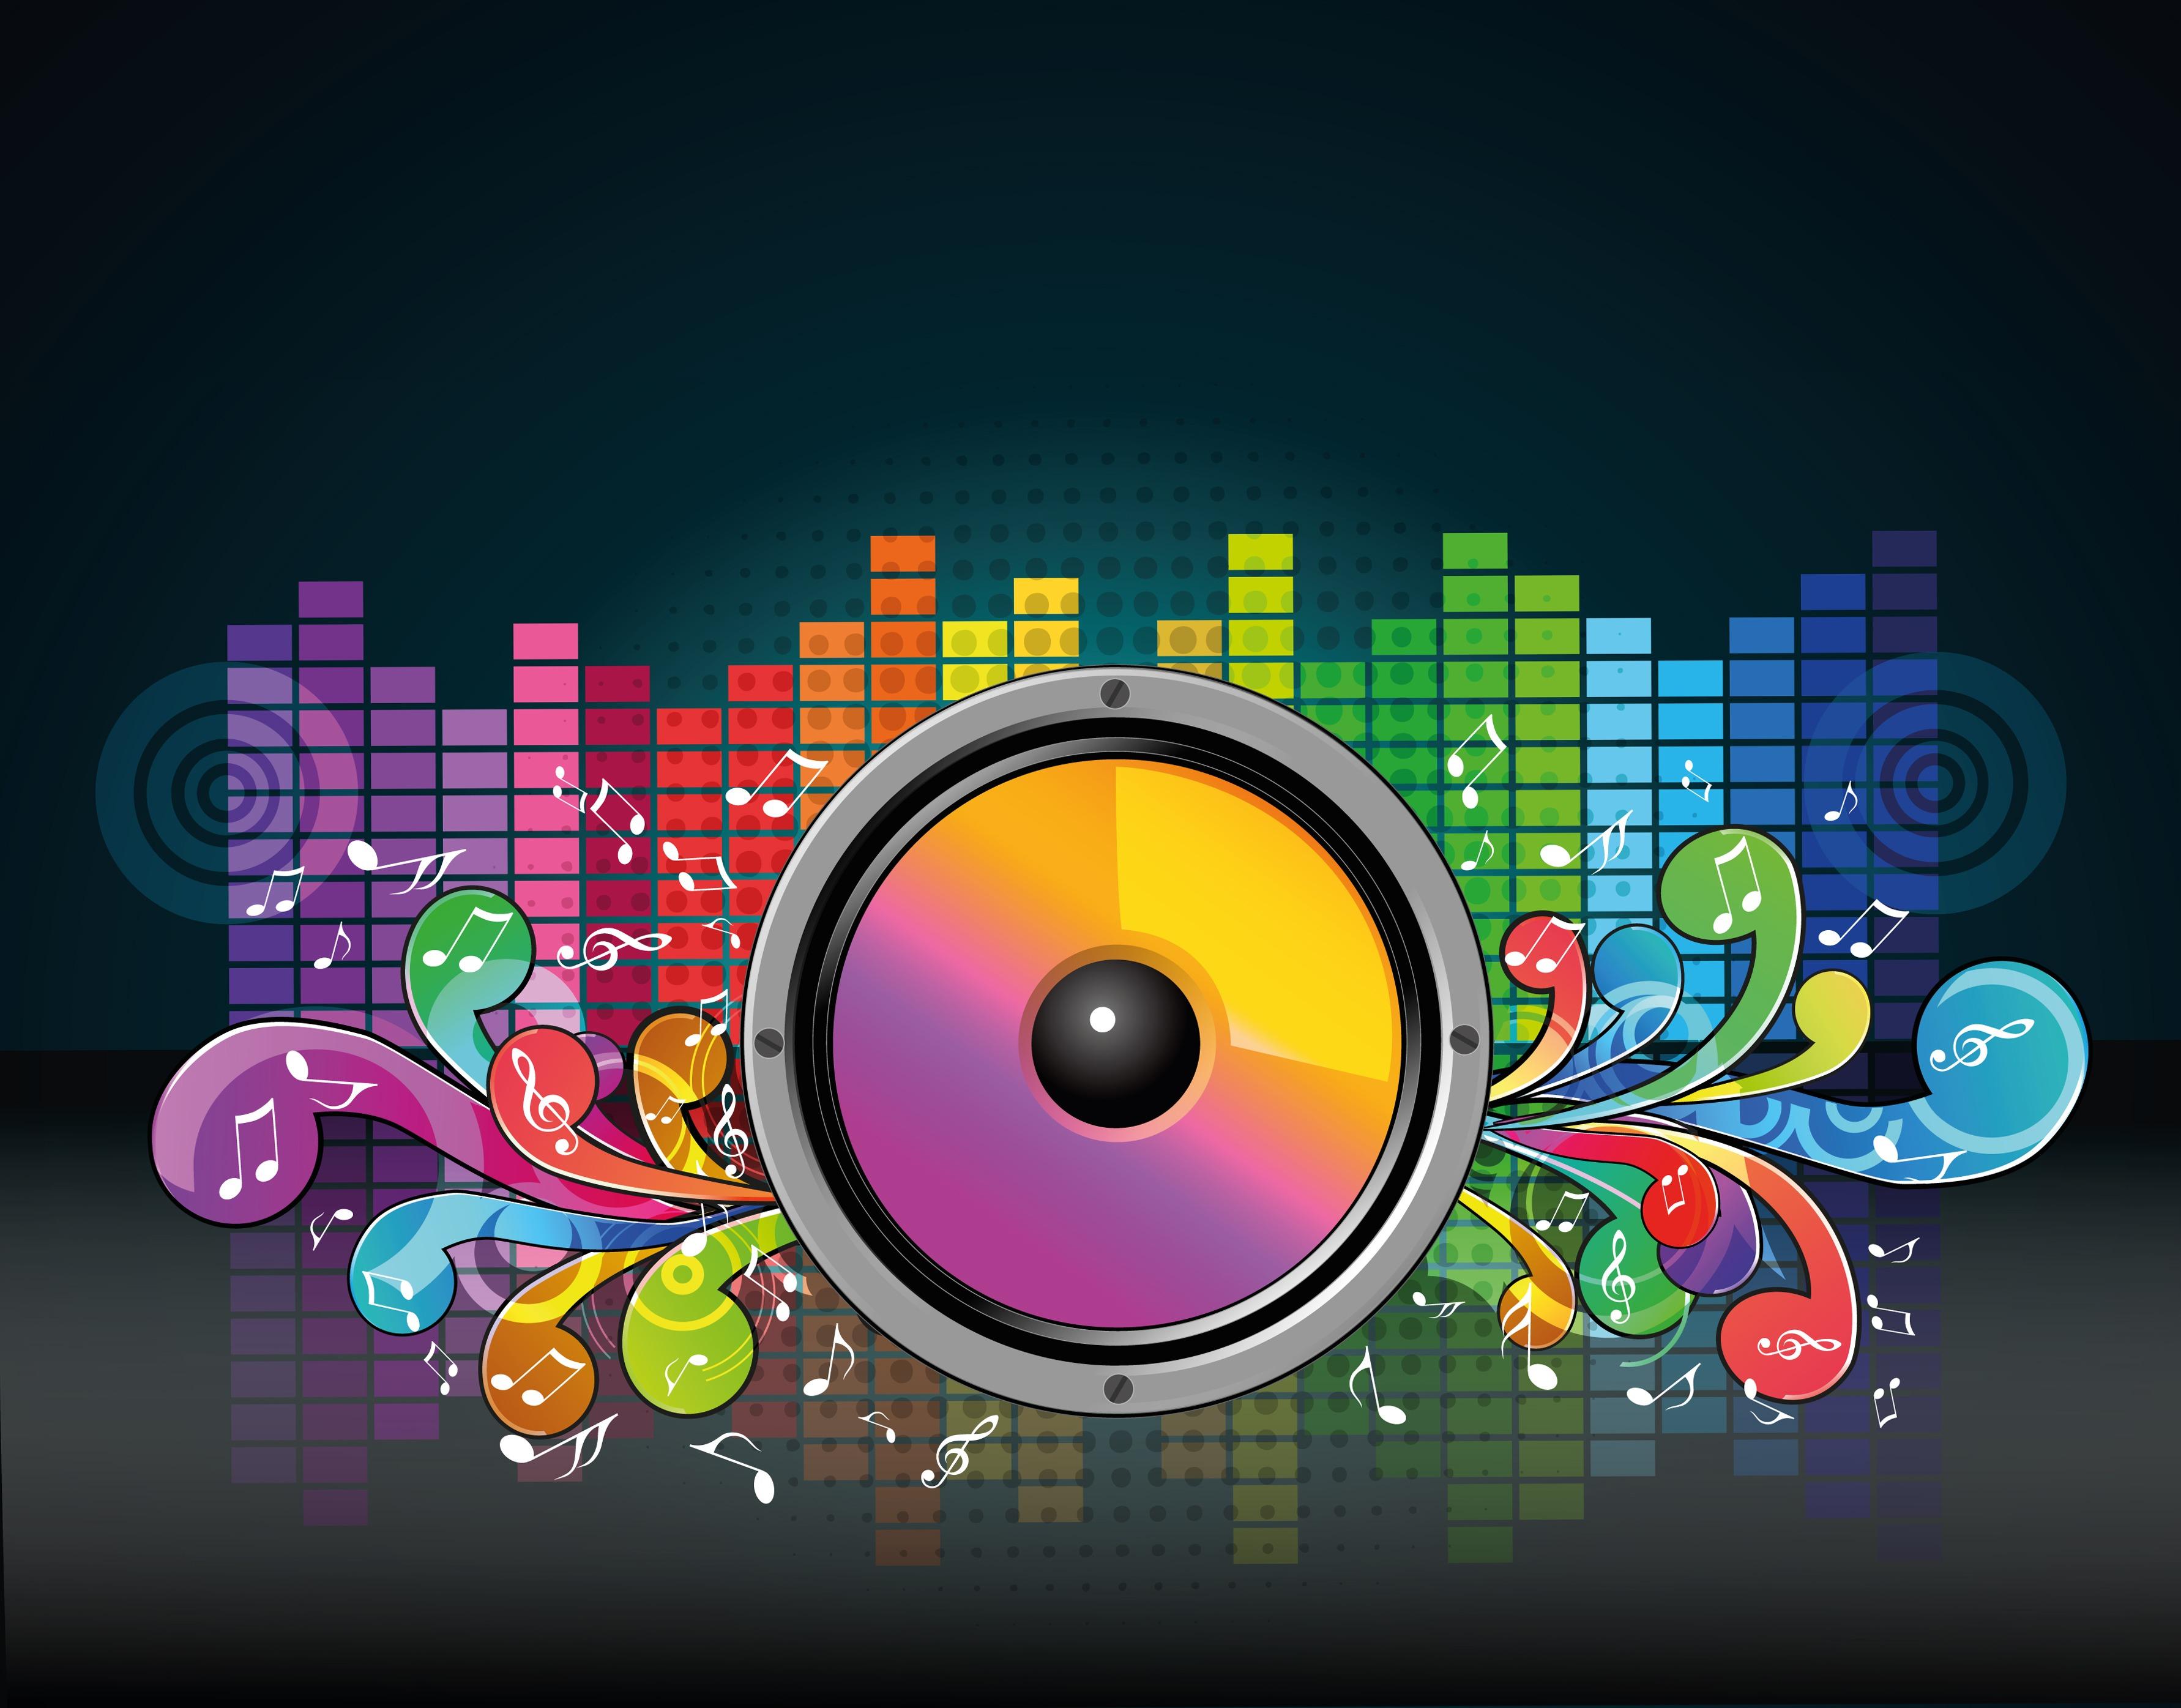 129050 Hintergrundbild herunterladen Musik, Vektor, Equalizer, Anmerkungen, Lautsprecher - Bildschirmschoner und Bilder kostenlos